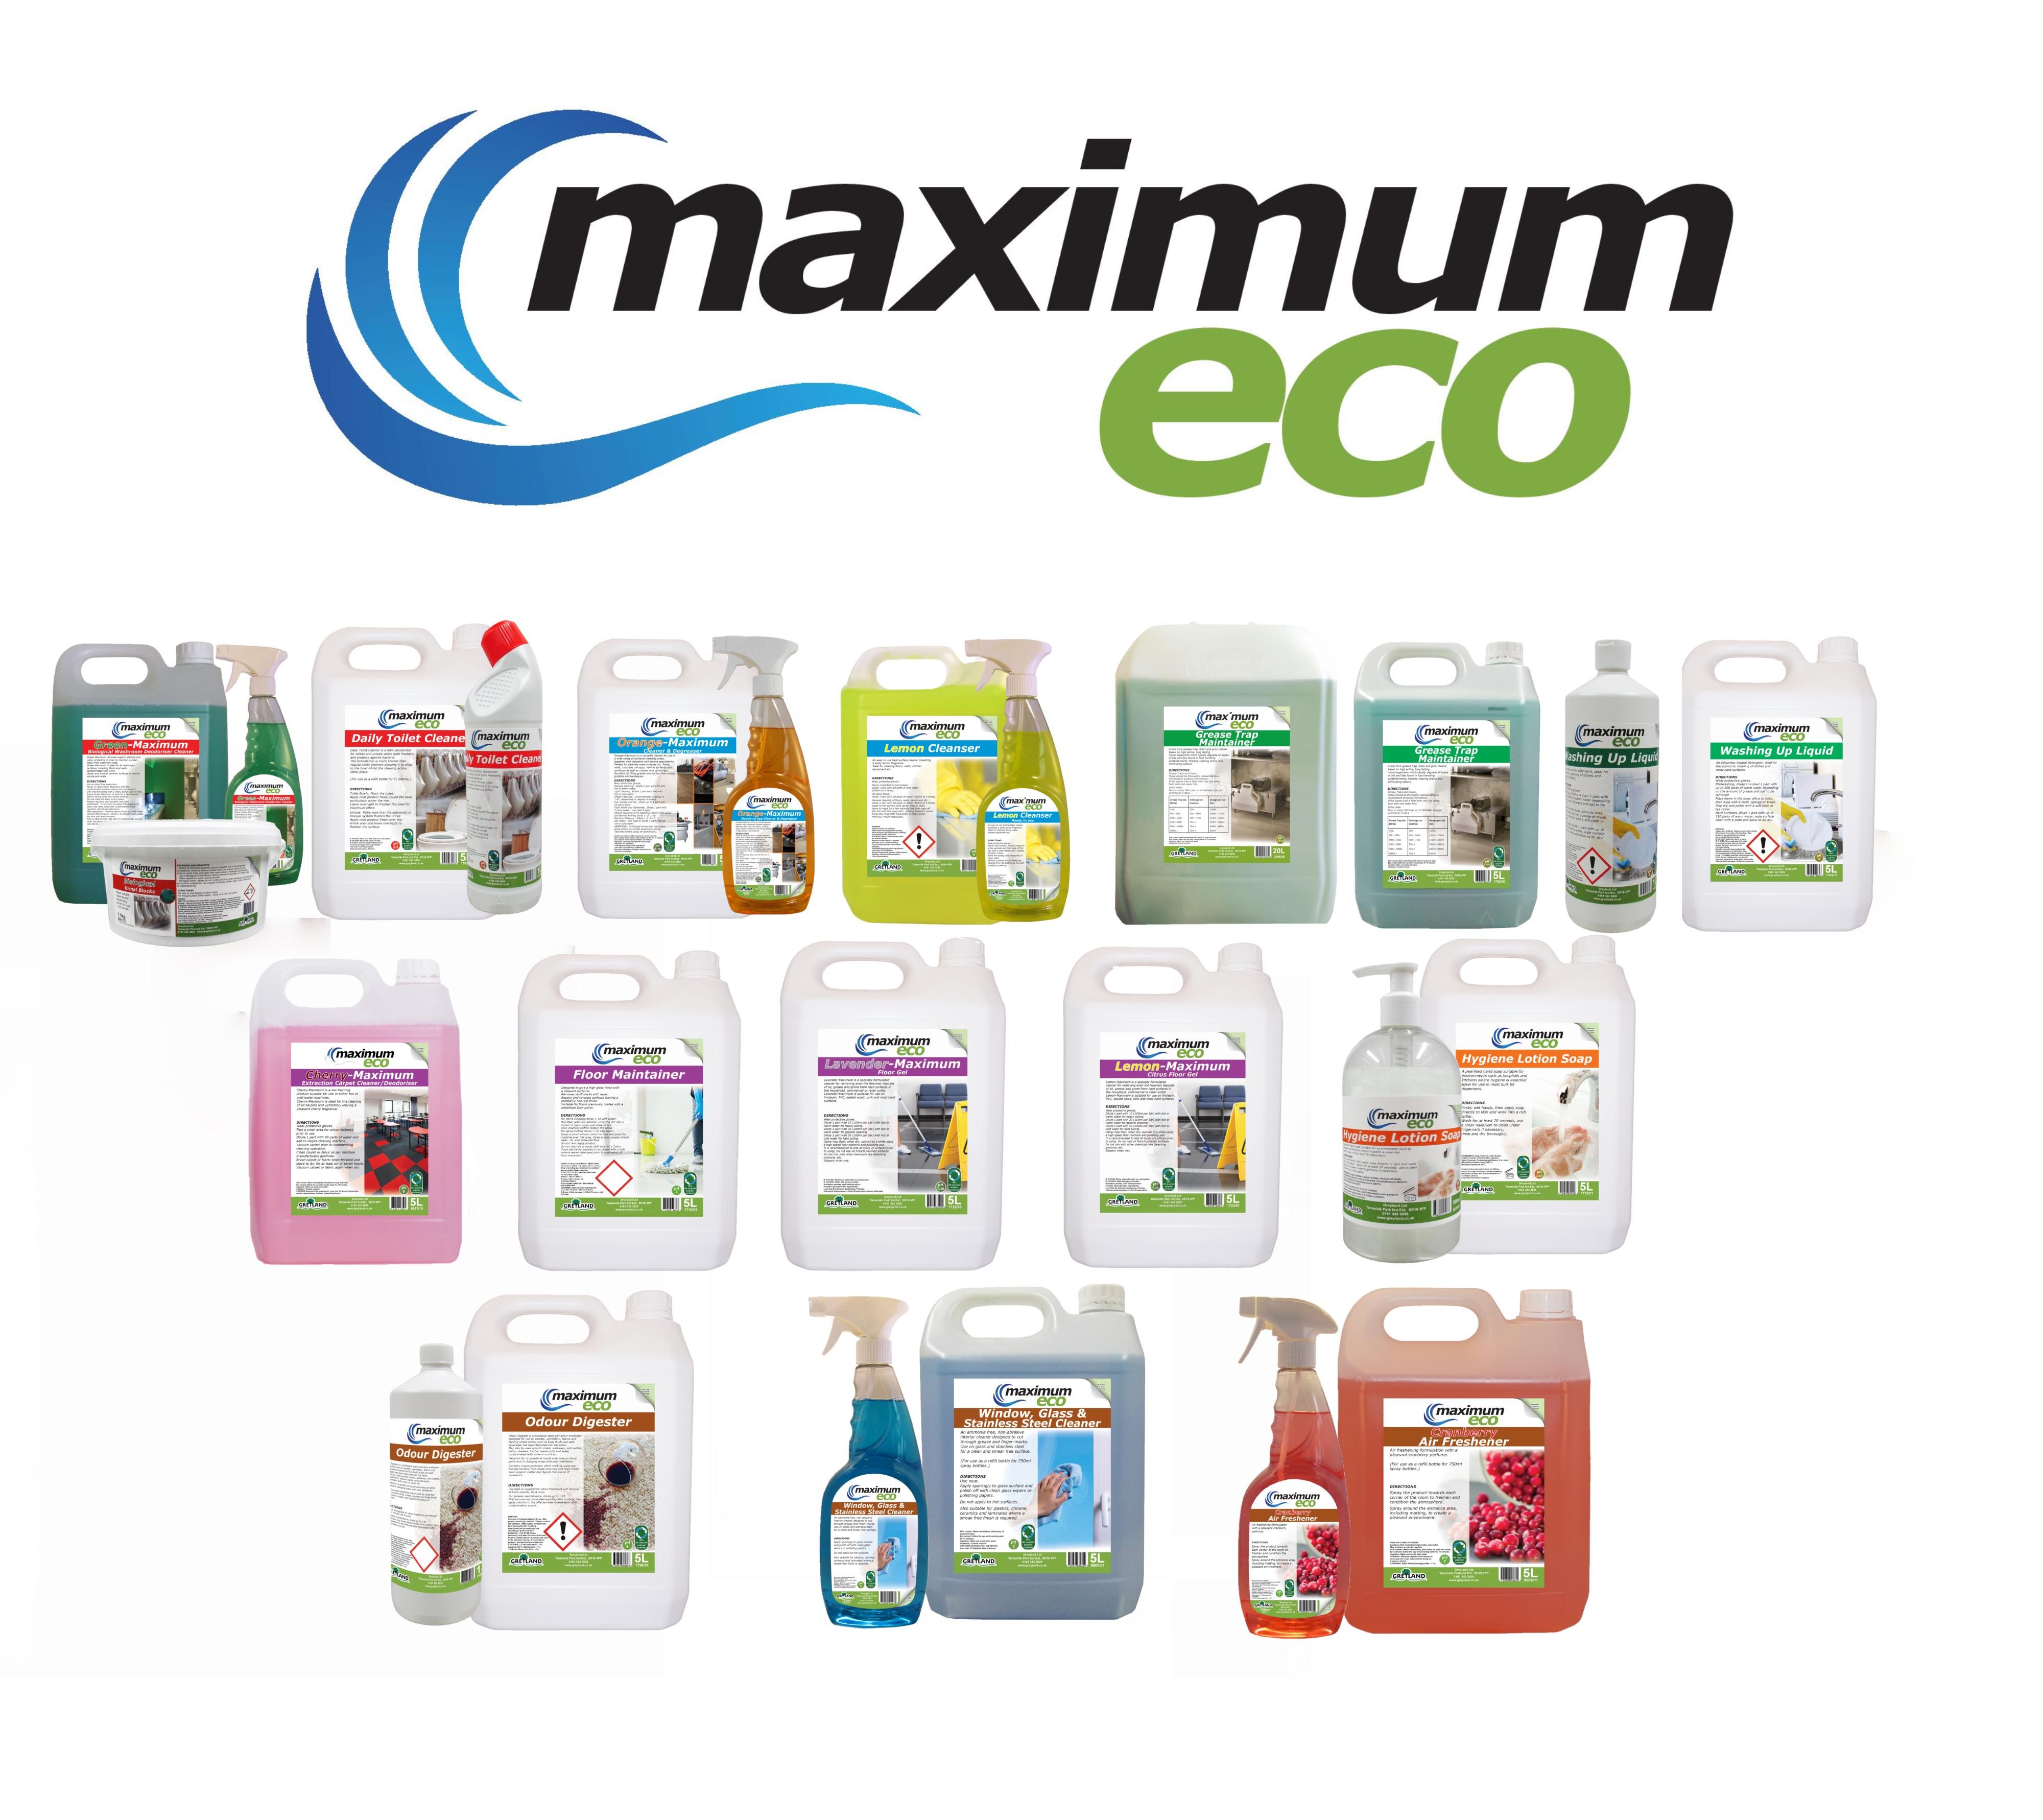 Greyland launches Maximum Eco range